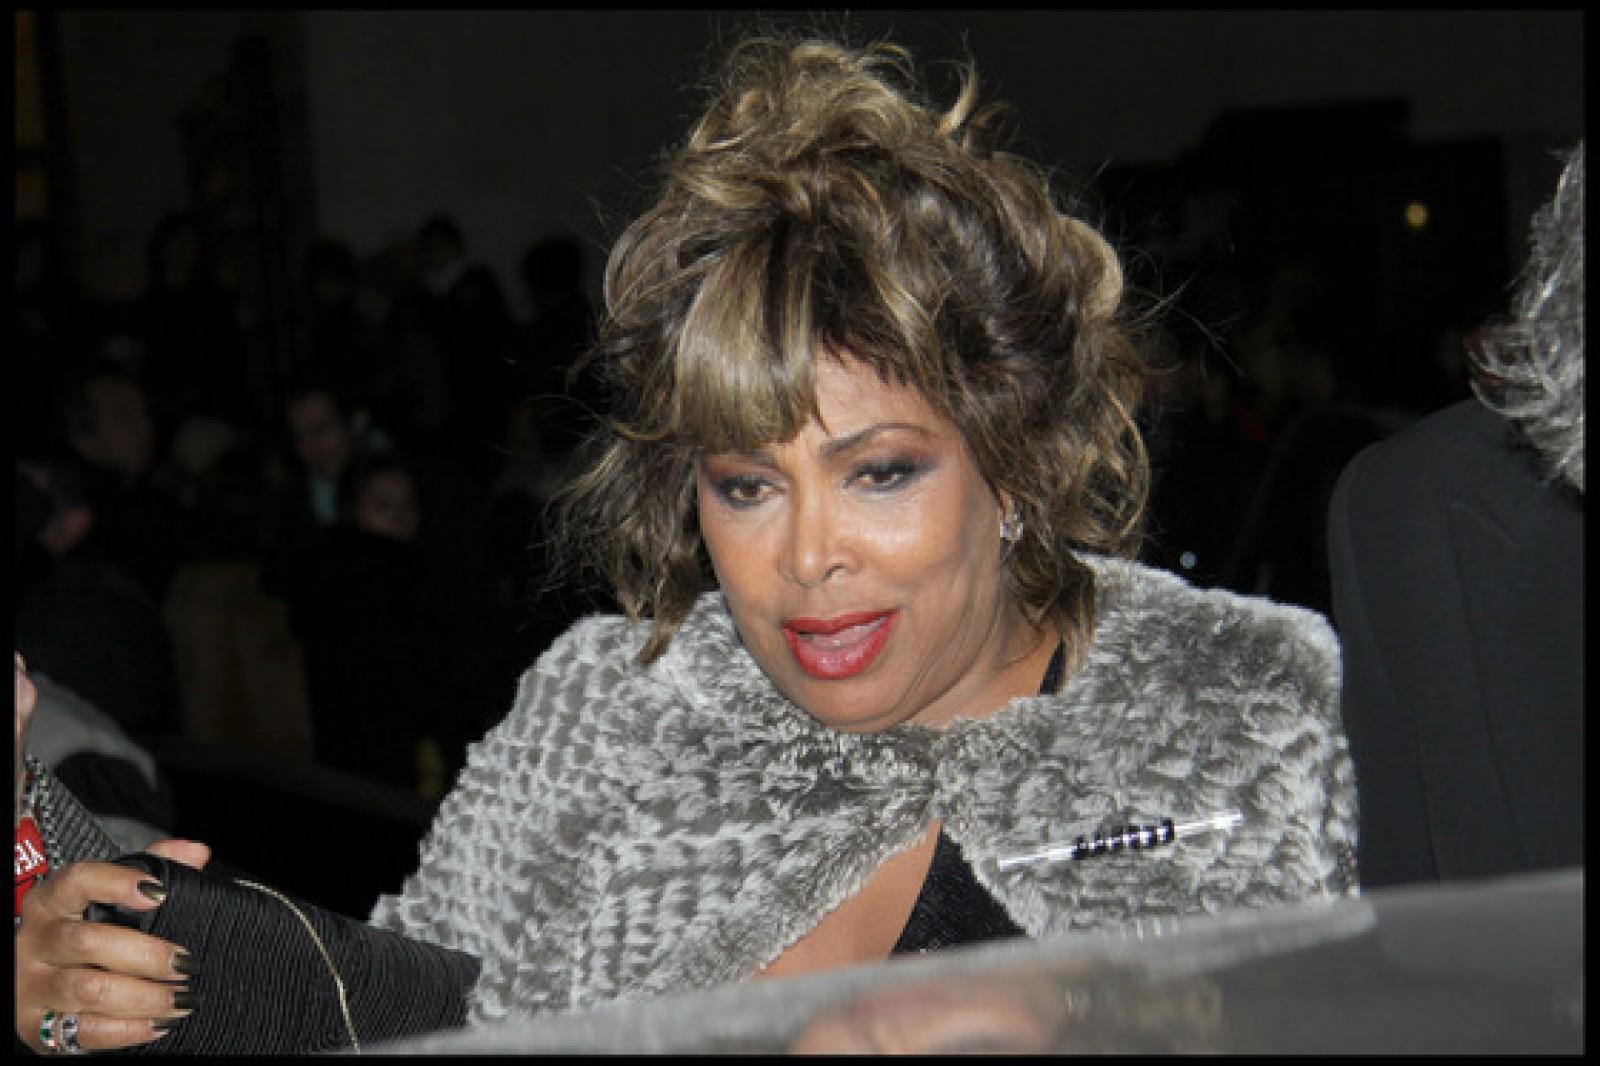 Fiul cel mare al cântăreței americane Tina Turner s-a sinucis